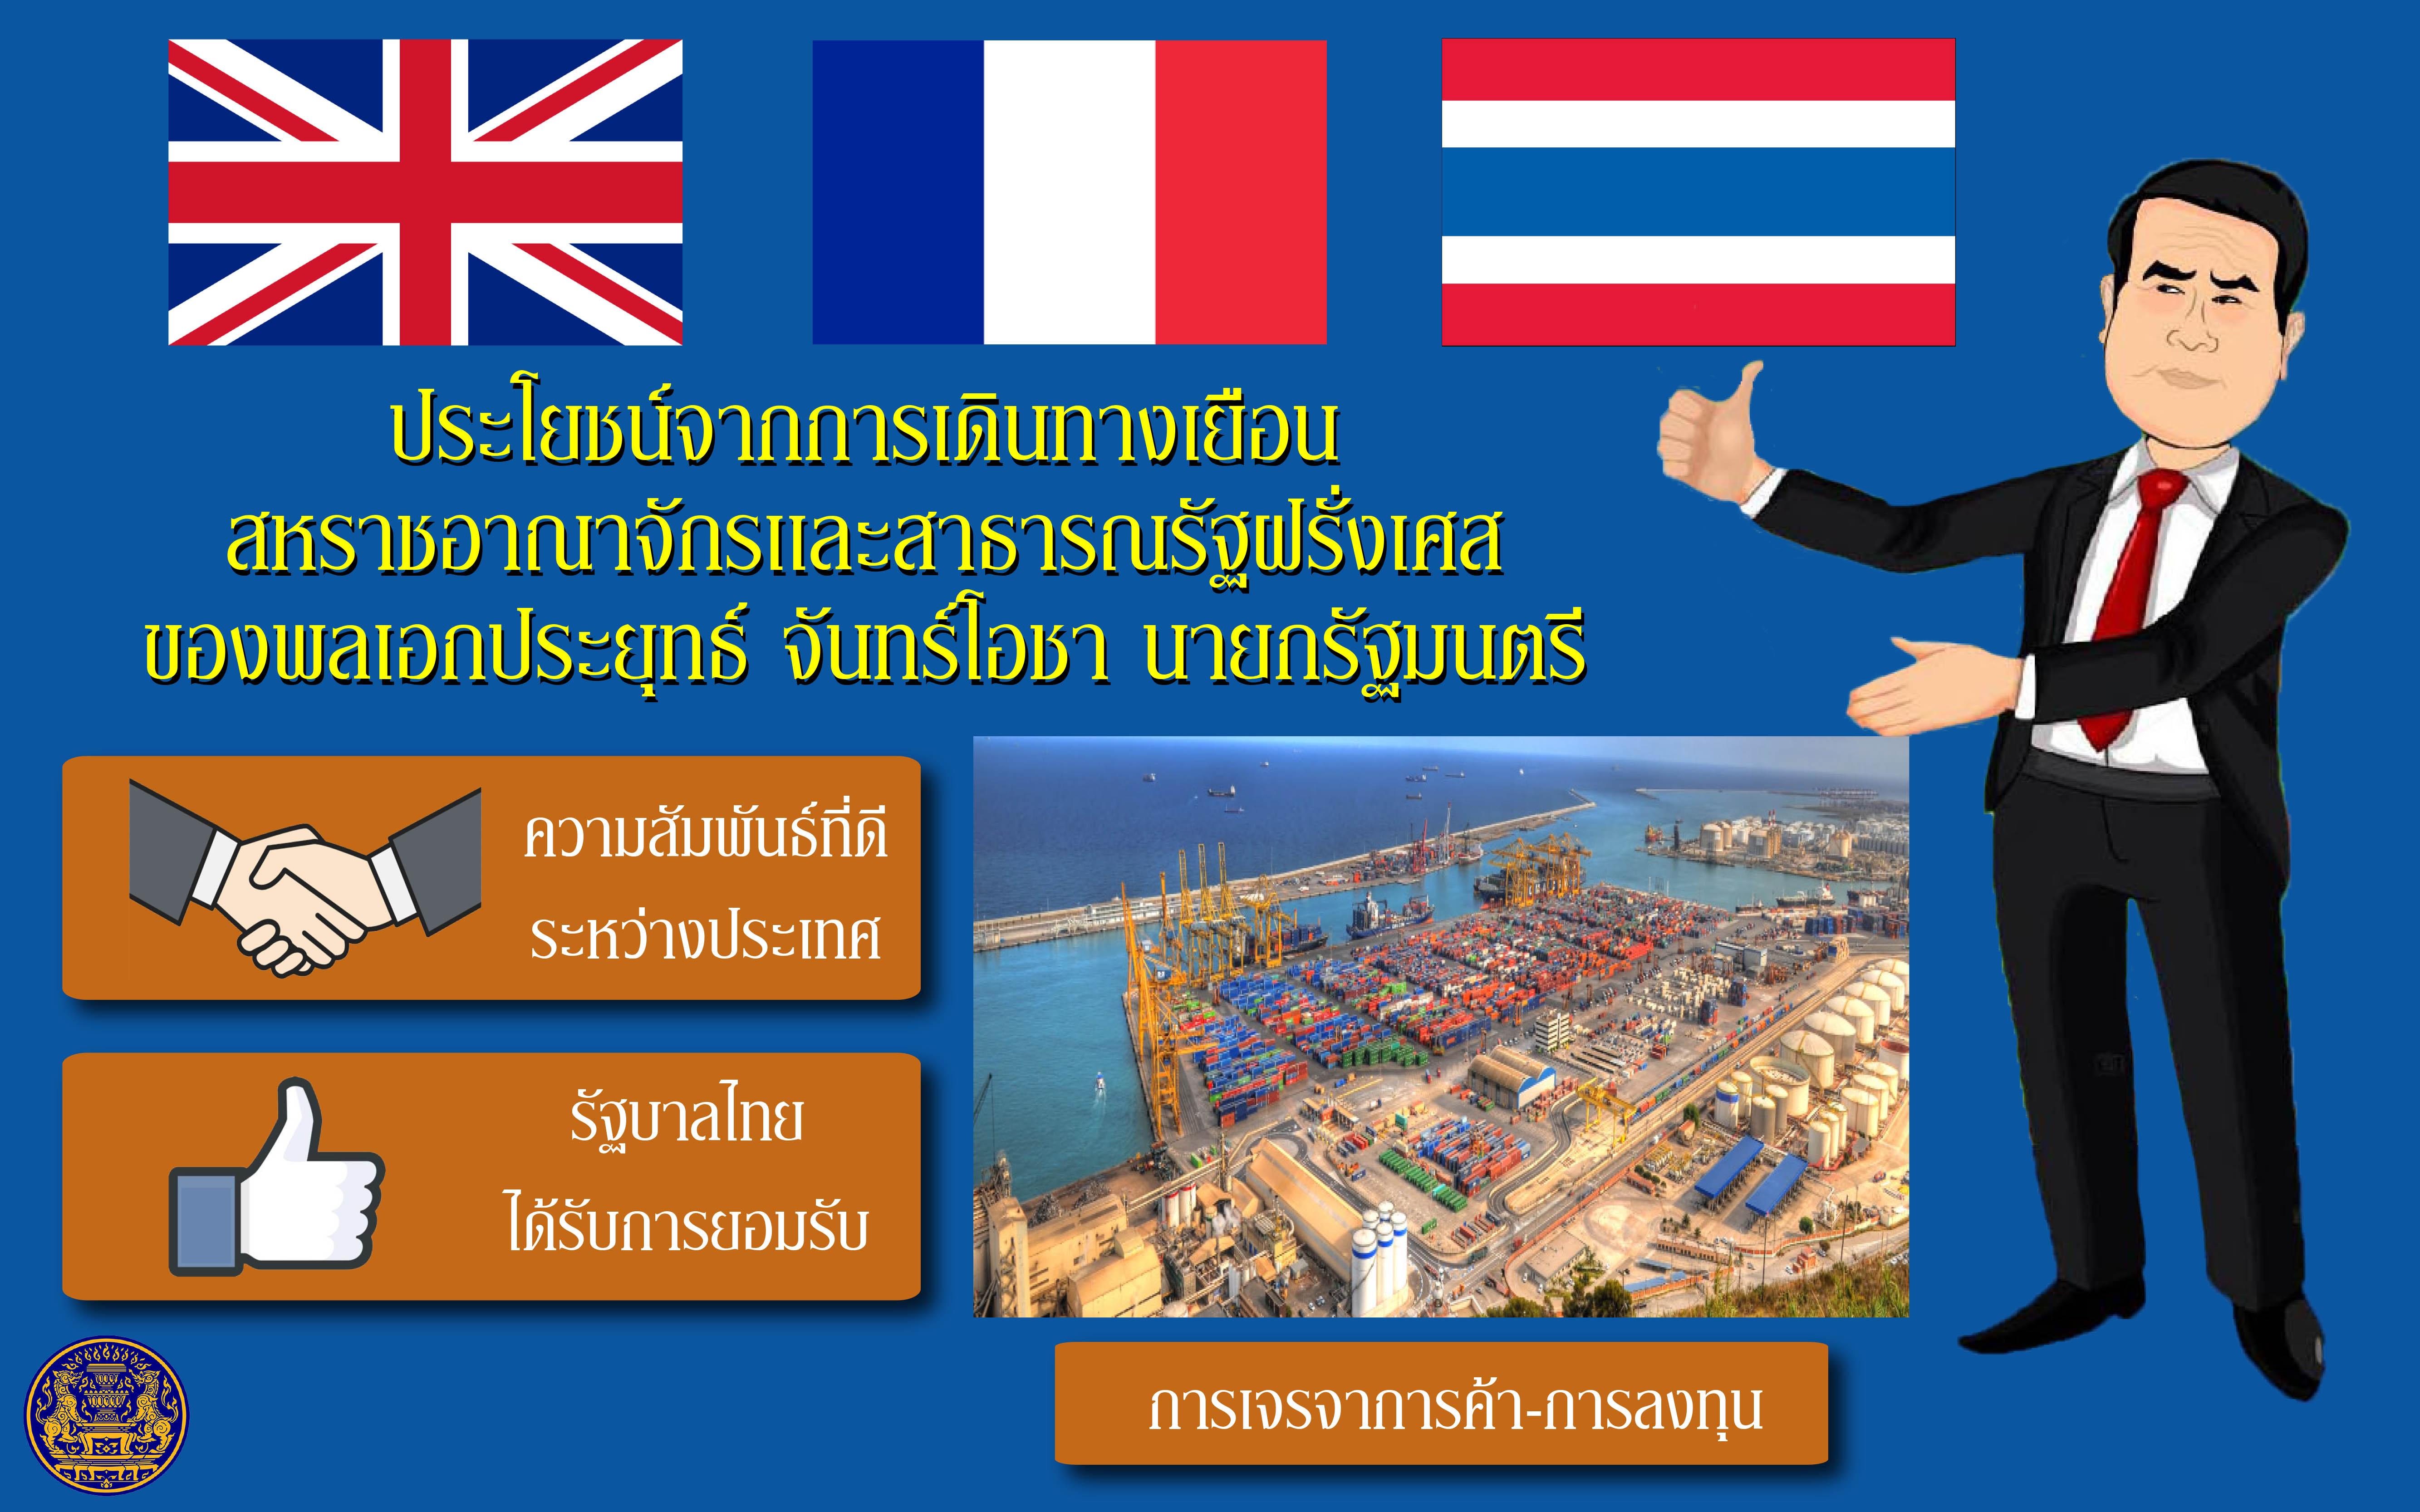 นายกรัฐมนตรีมีกำหนดการเดินทางเยือนสหราชอาณาจักรและสาธารณรัฐฝรั่งเศส